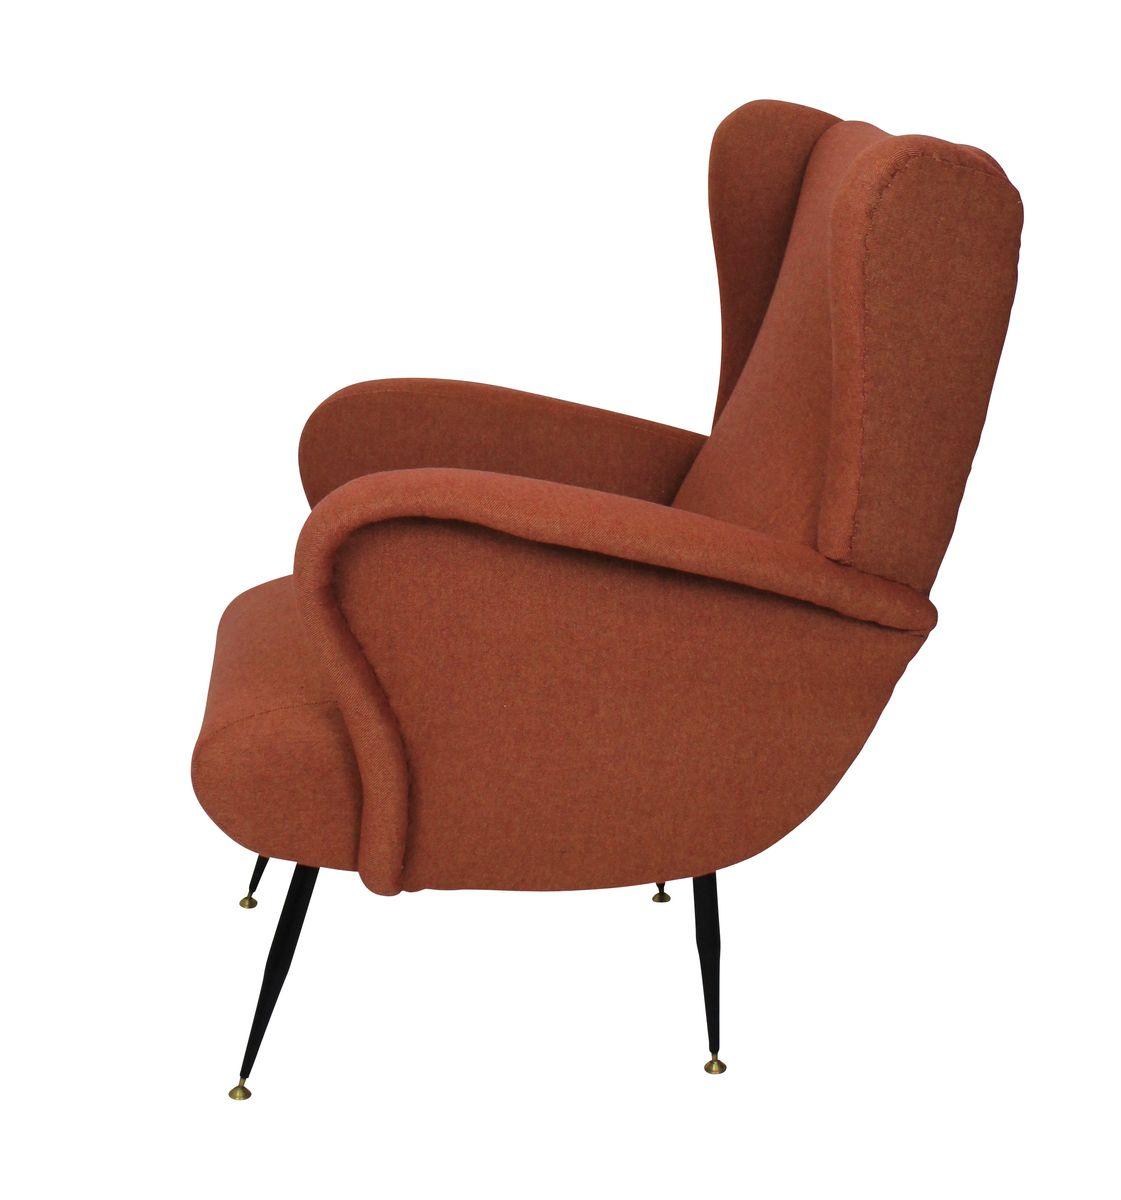 italienische vintage sessel 1950er 2er set bei pamono kaufen. Black Bedroom Furniture Sets. Home Design Ideas